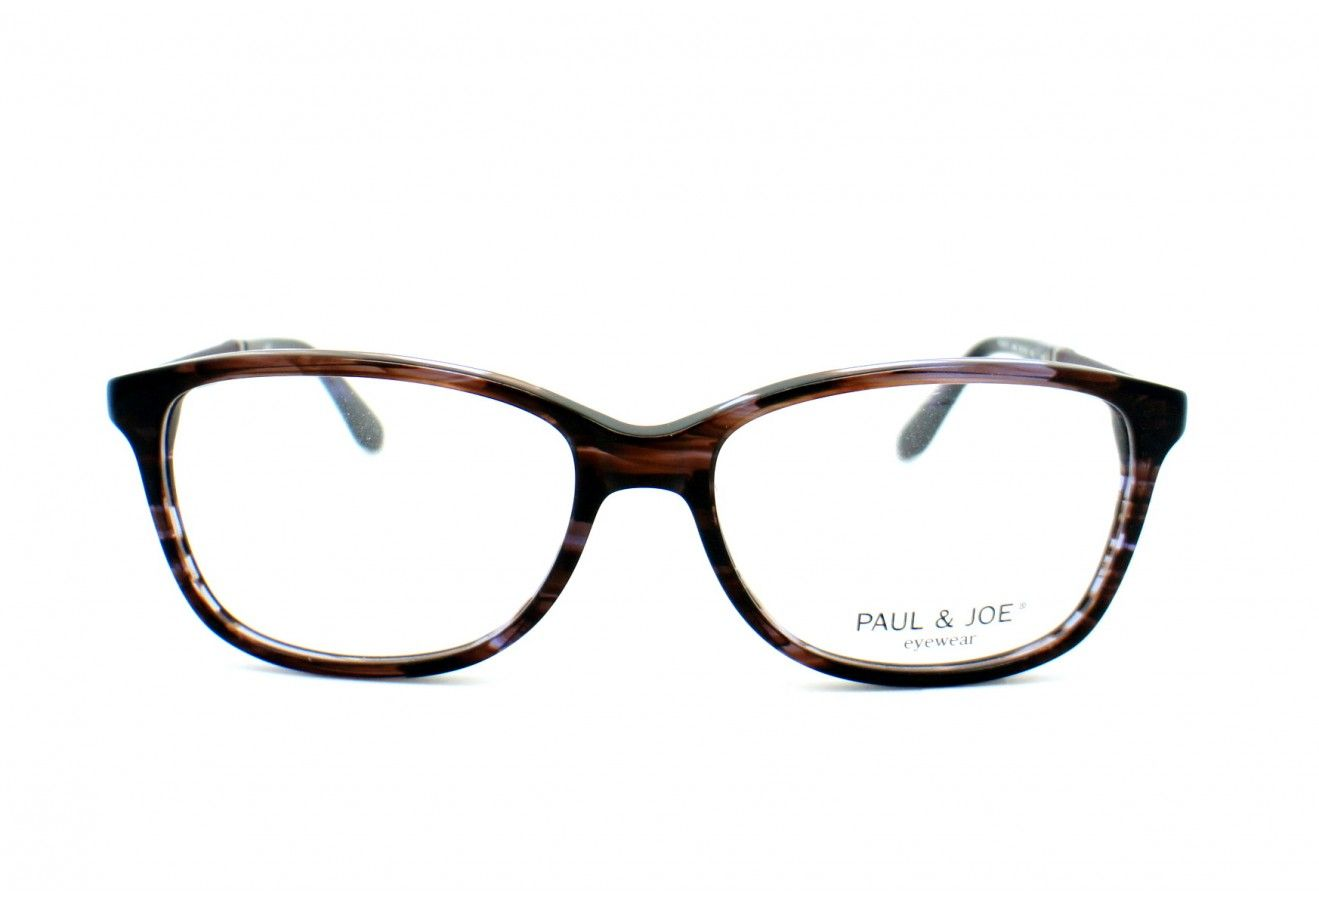 Lunettes de vue pour femme PAUL AND JOE Violet FAUVE 11 LIBR 52 16 ... 7ef0c4154680